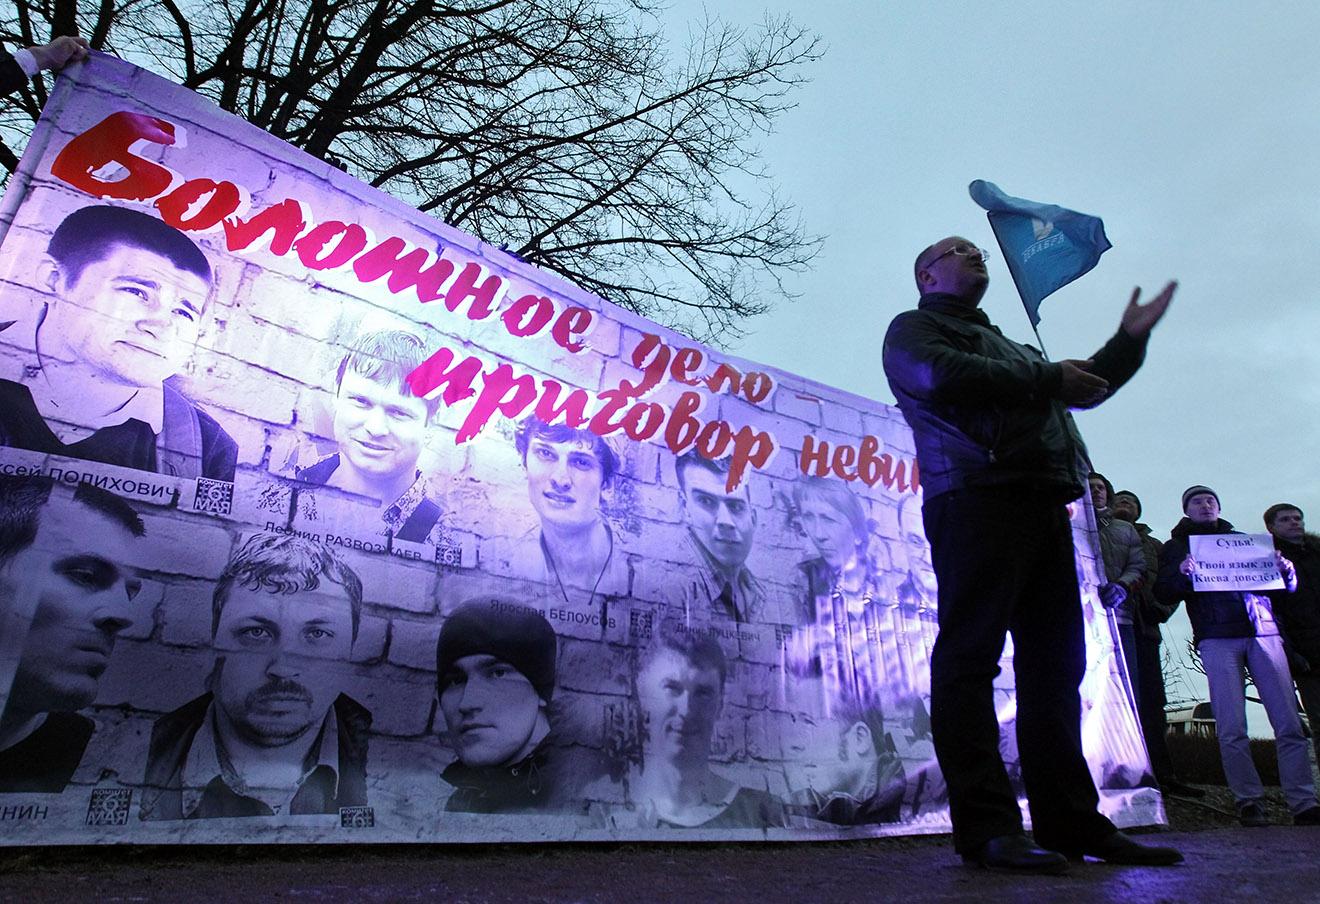 Акция поддержки фигурантов «Болотного дела» в Санкт-Петербурге. Фото: Петр Ковалев / ТАСС / Архив